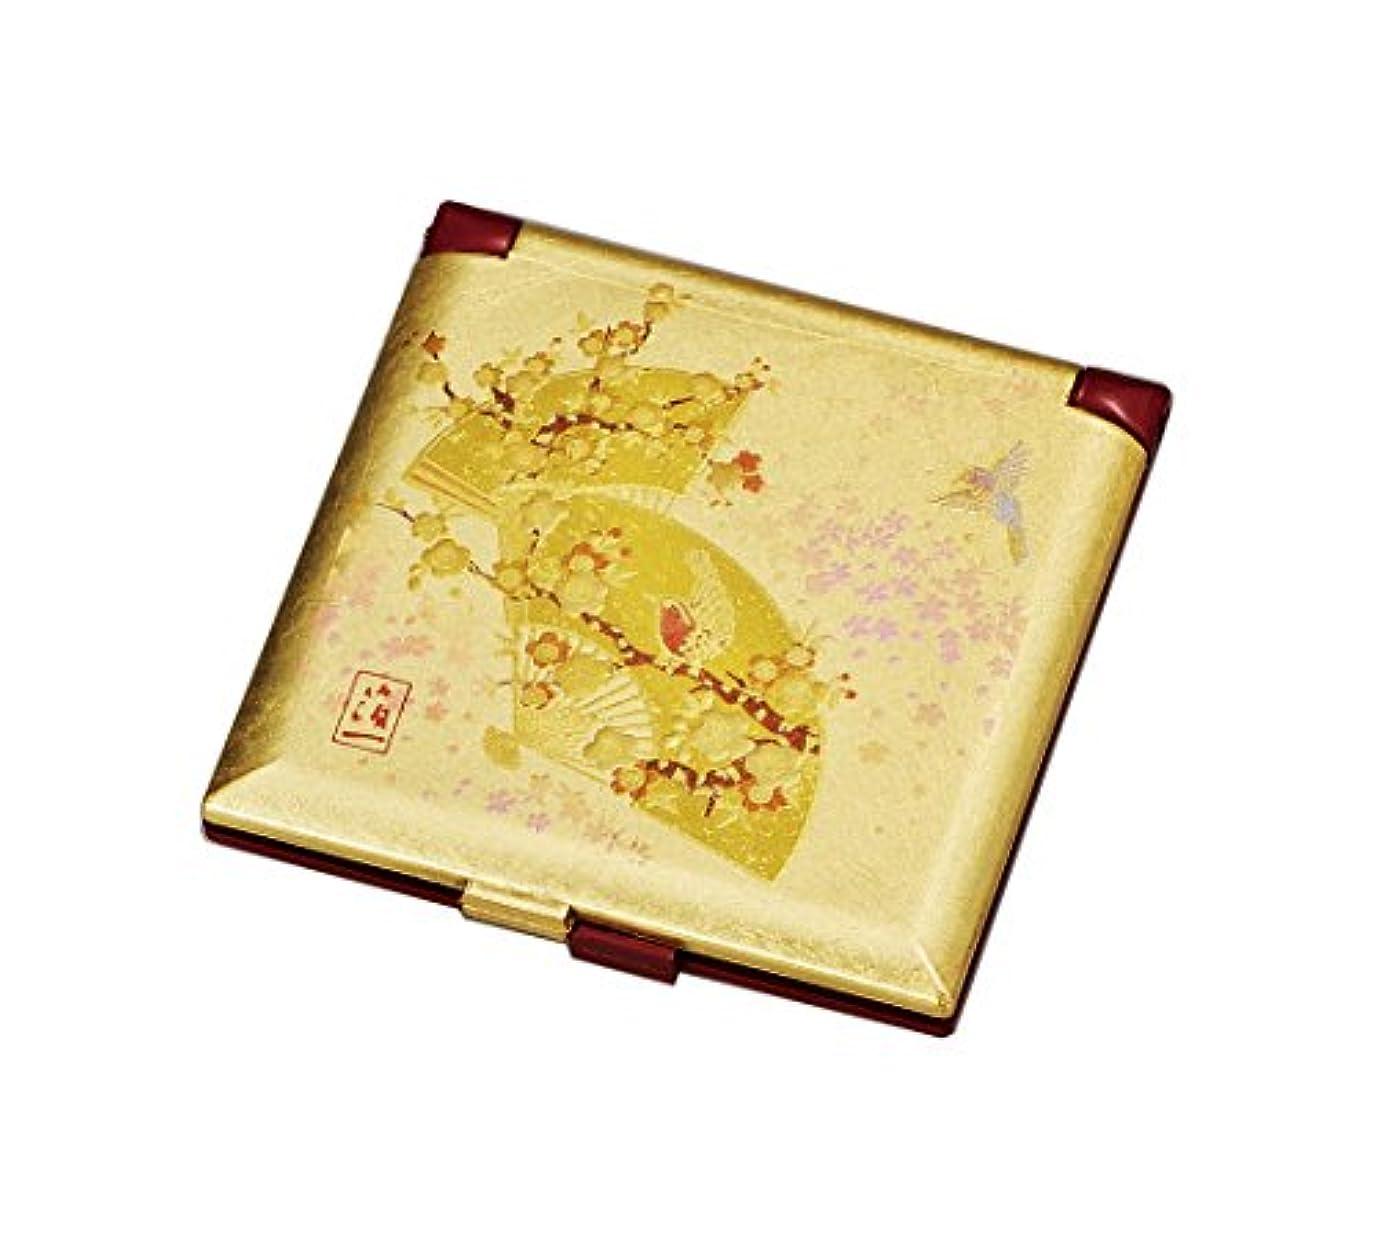 テンポ無効気分が悪い箔一 ミラー ゴールド 70×70×5mm うららか ミニコンパクトミラー A125-02006